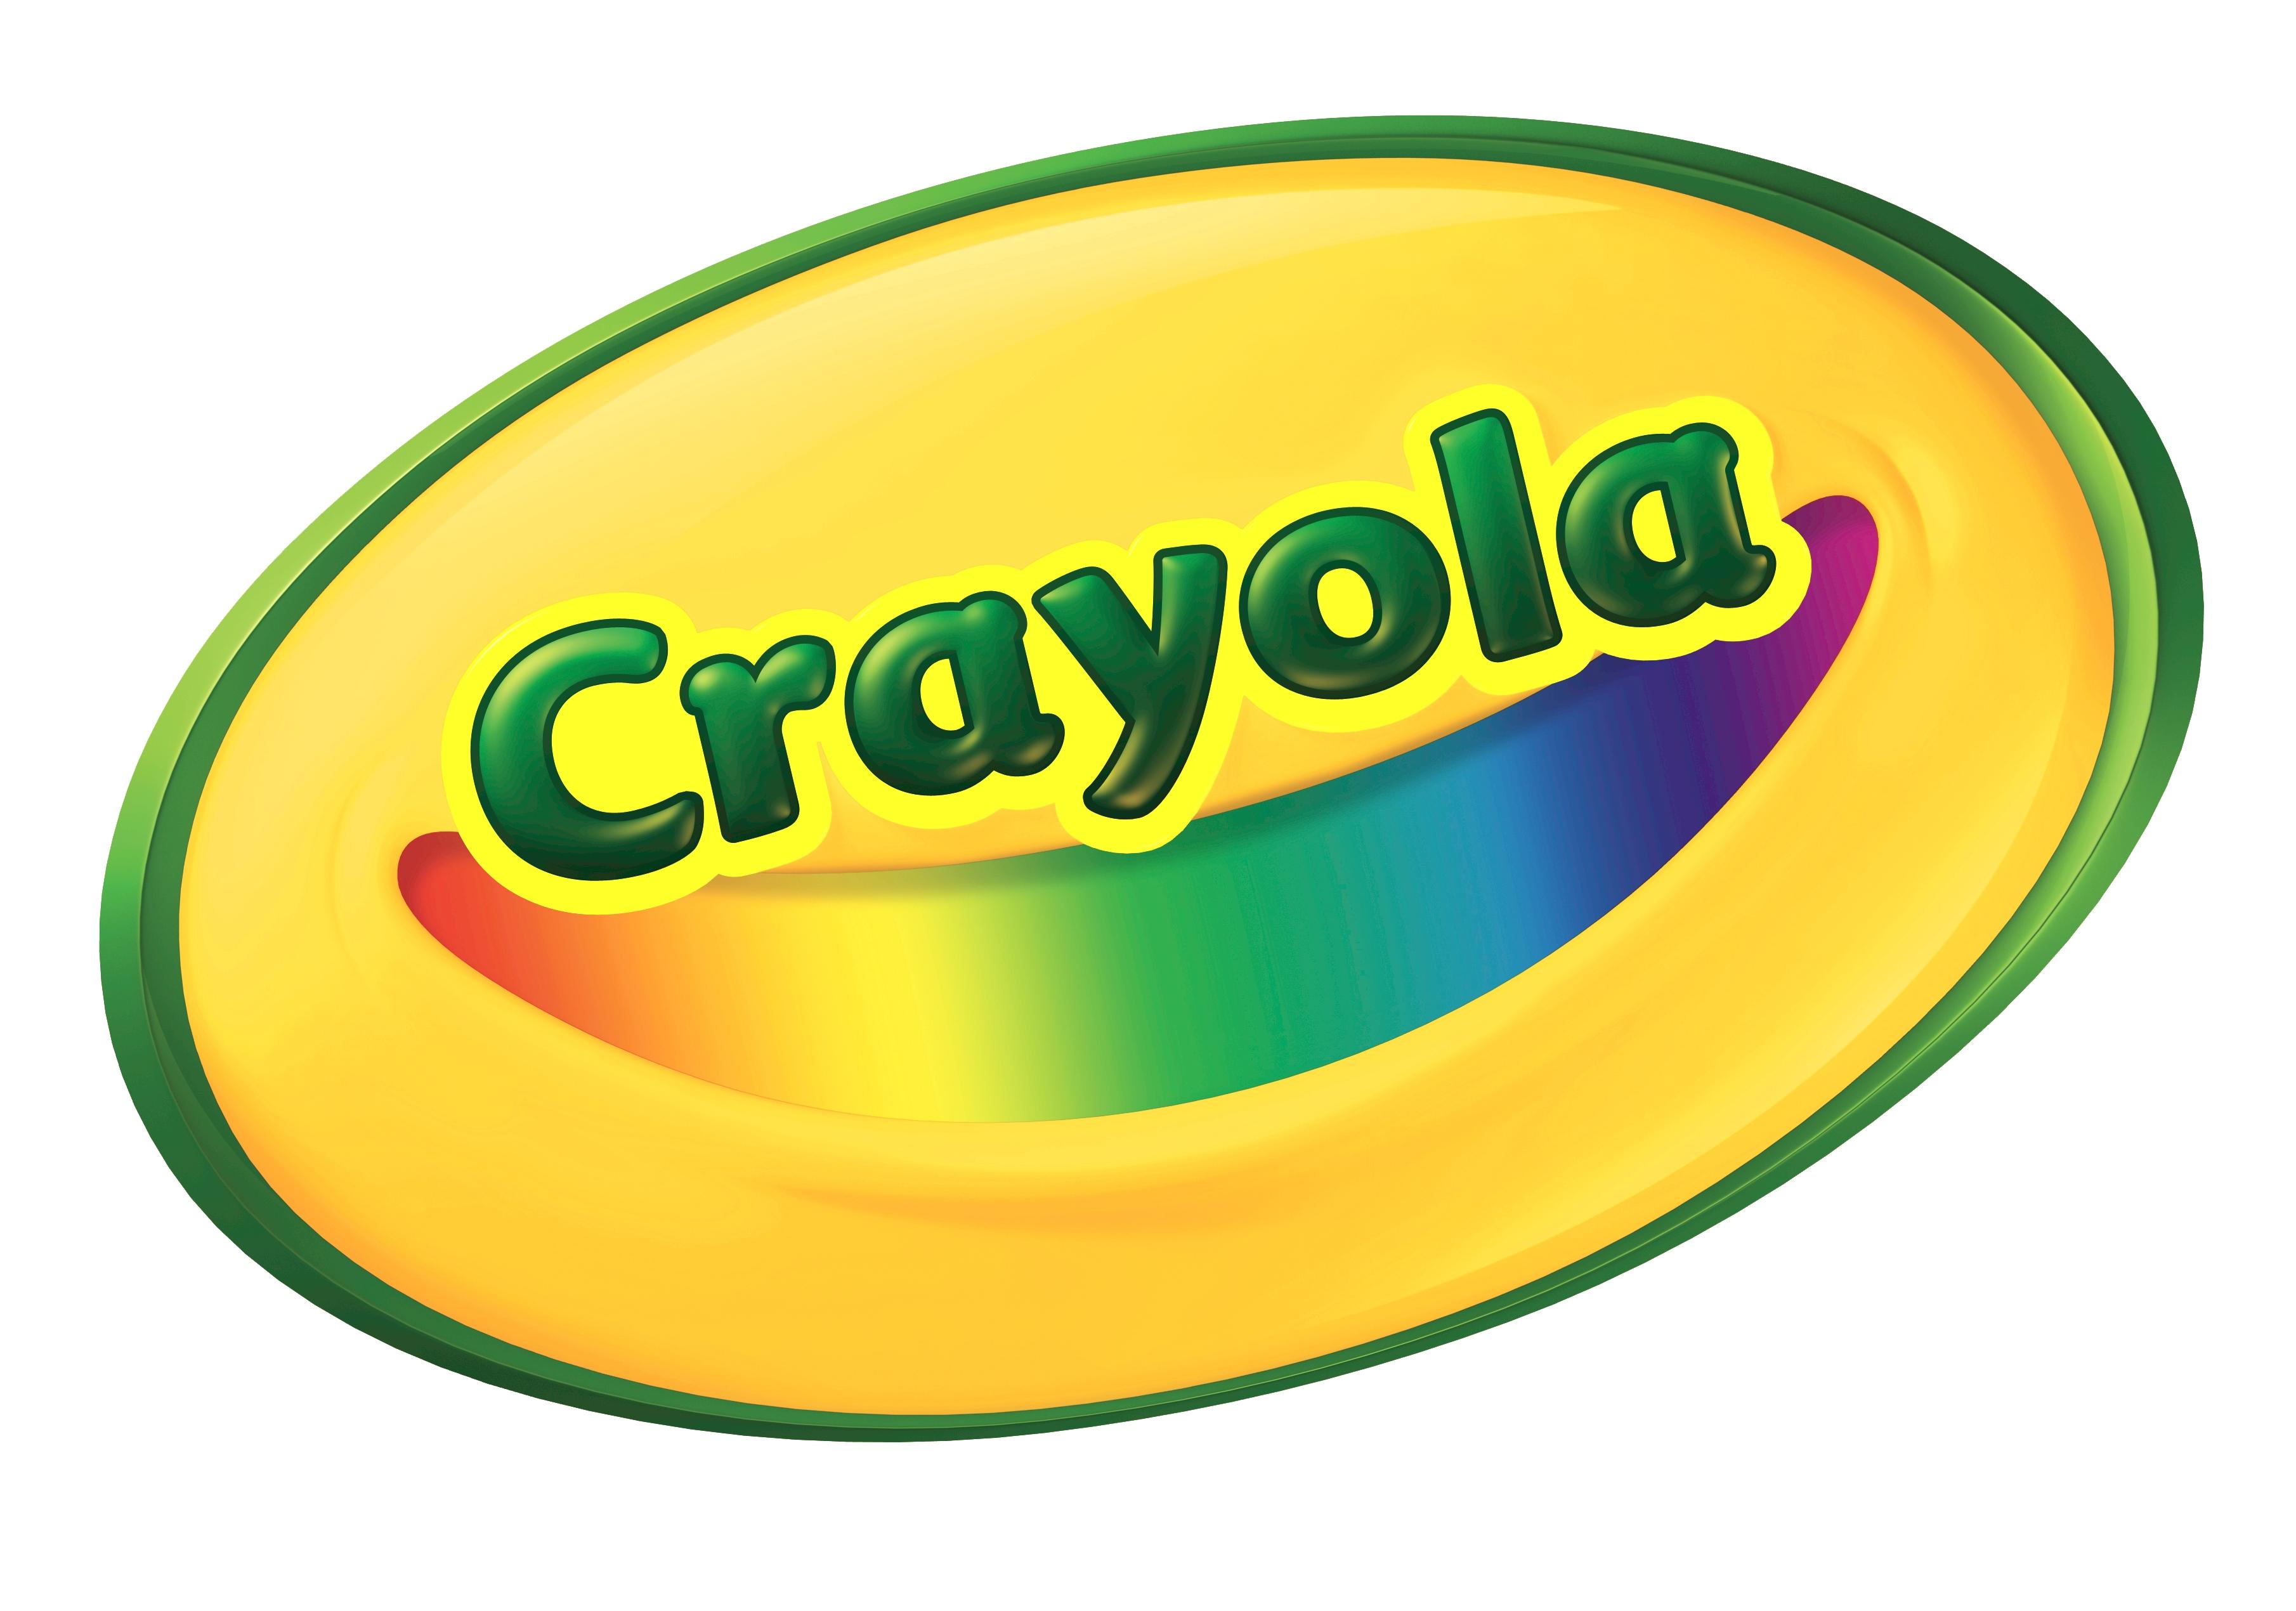 Crayola Crayon Box Logo